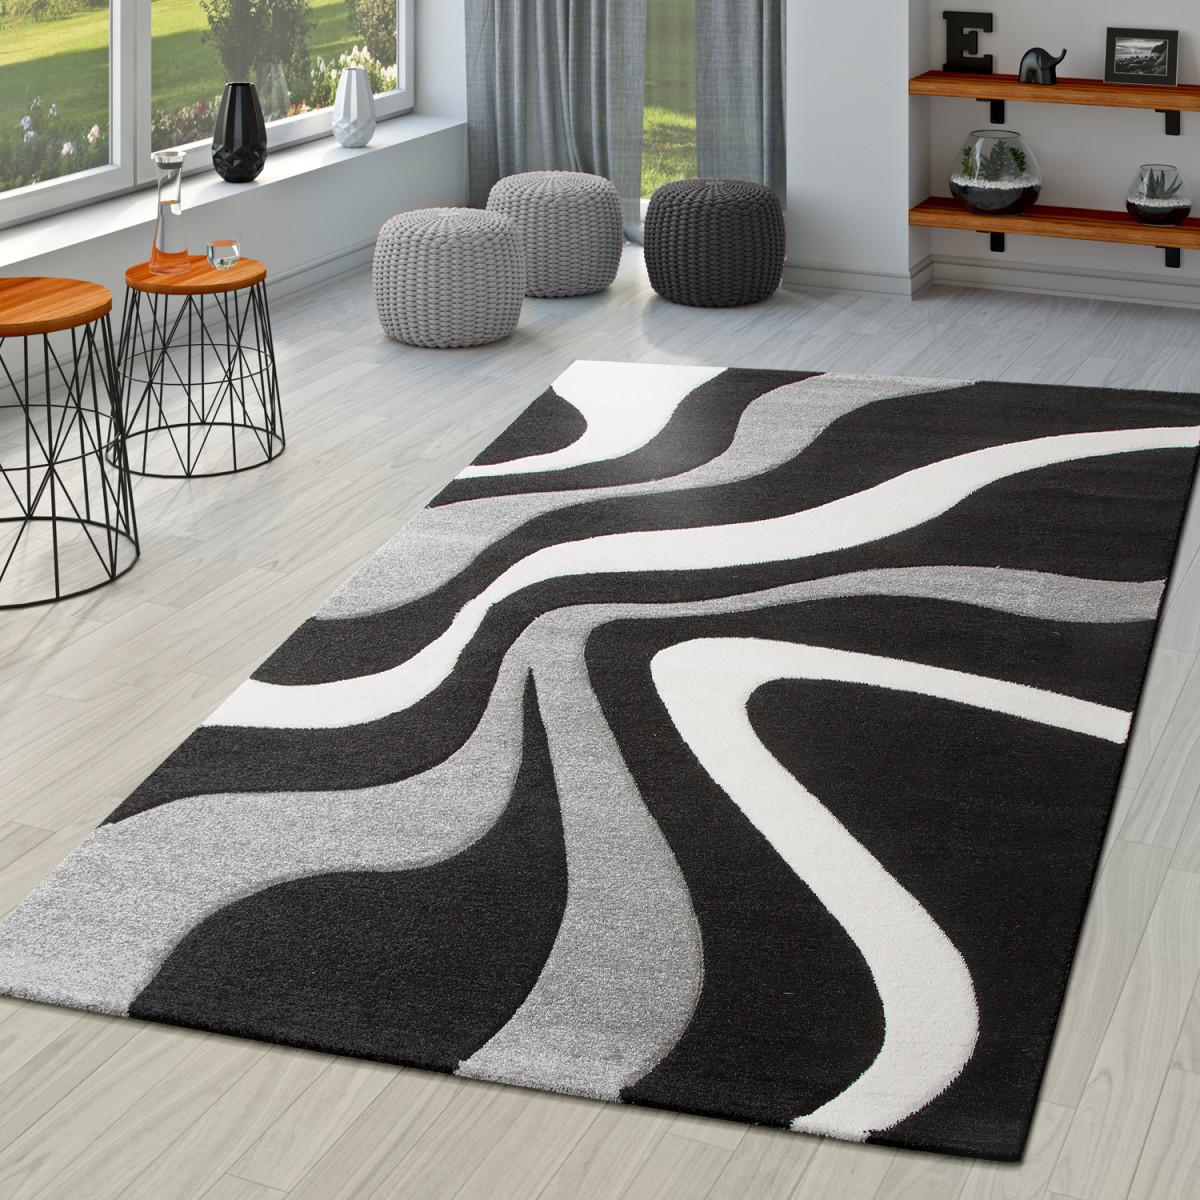 Details Zu Teppich Schwarz Weiß Grau Wohnzimmer Teppiche Modern Mit  Konturenschnitt von Wohnzimmer Teppich Schwarz Bild